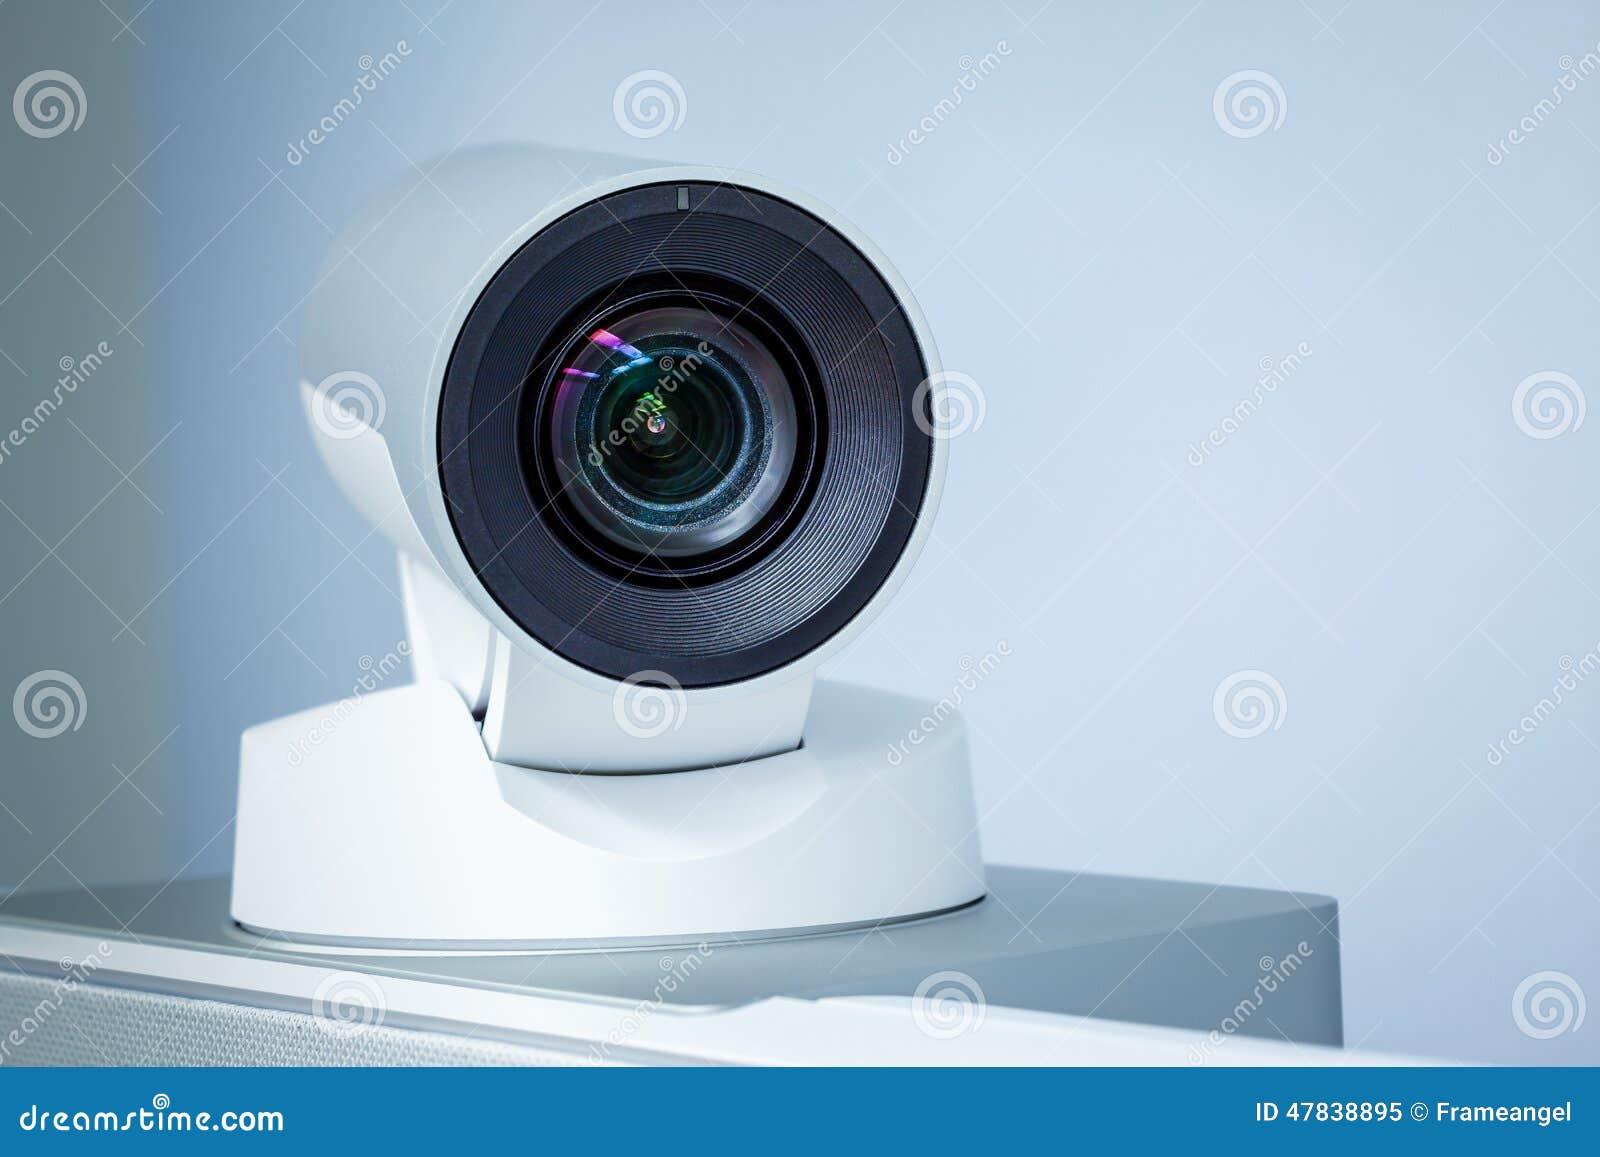 Primo piano della macchina fotografica di teleconferenza, di videoconferenza o di telepresence